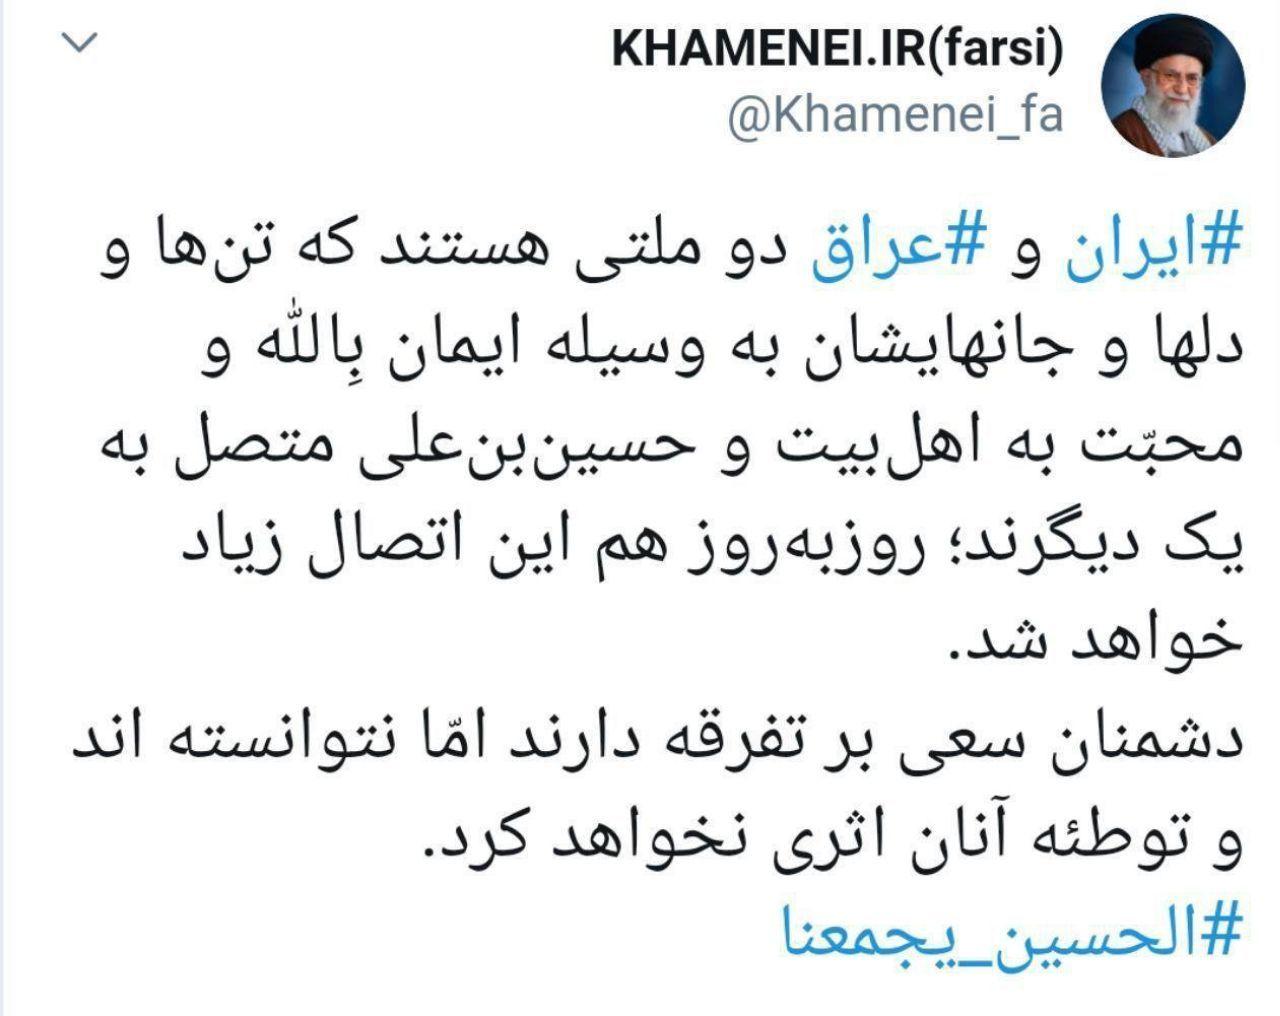 رهبر معظم انقلاب: ایران و عراق با ایمان به الله و محبت امام حسین(ع) متصل به یکدیگرند